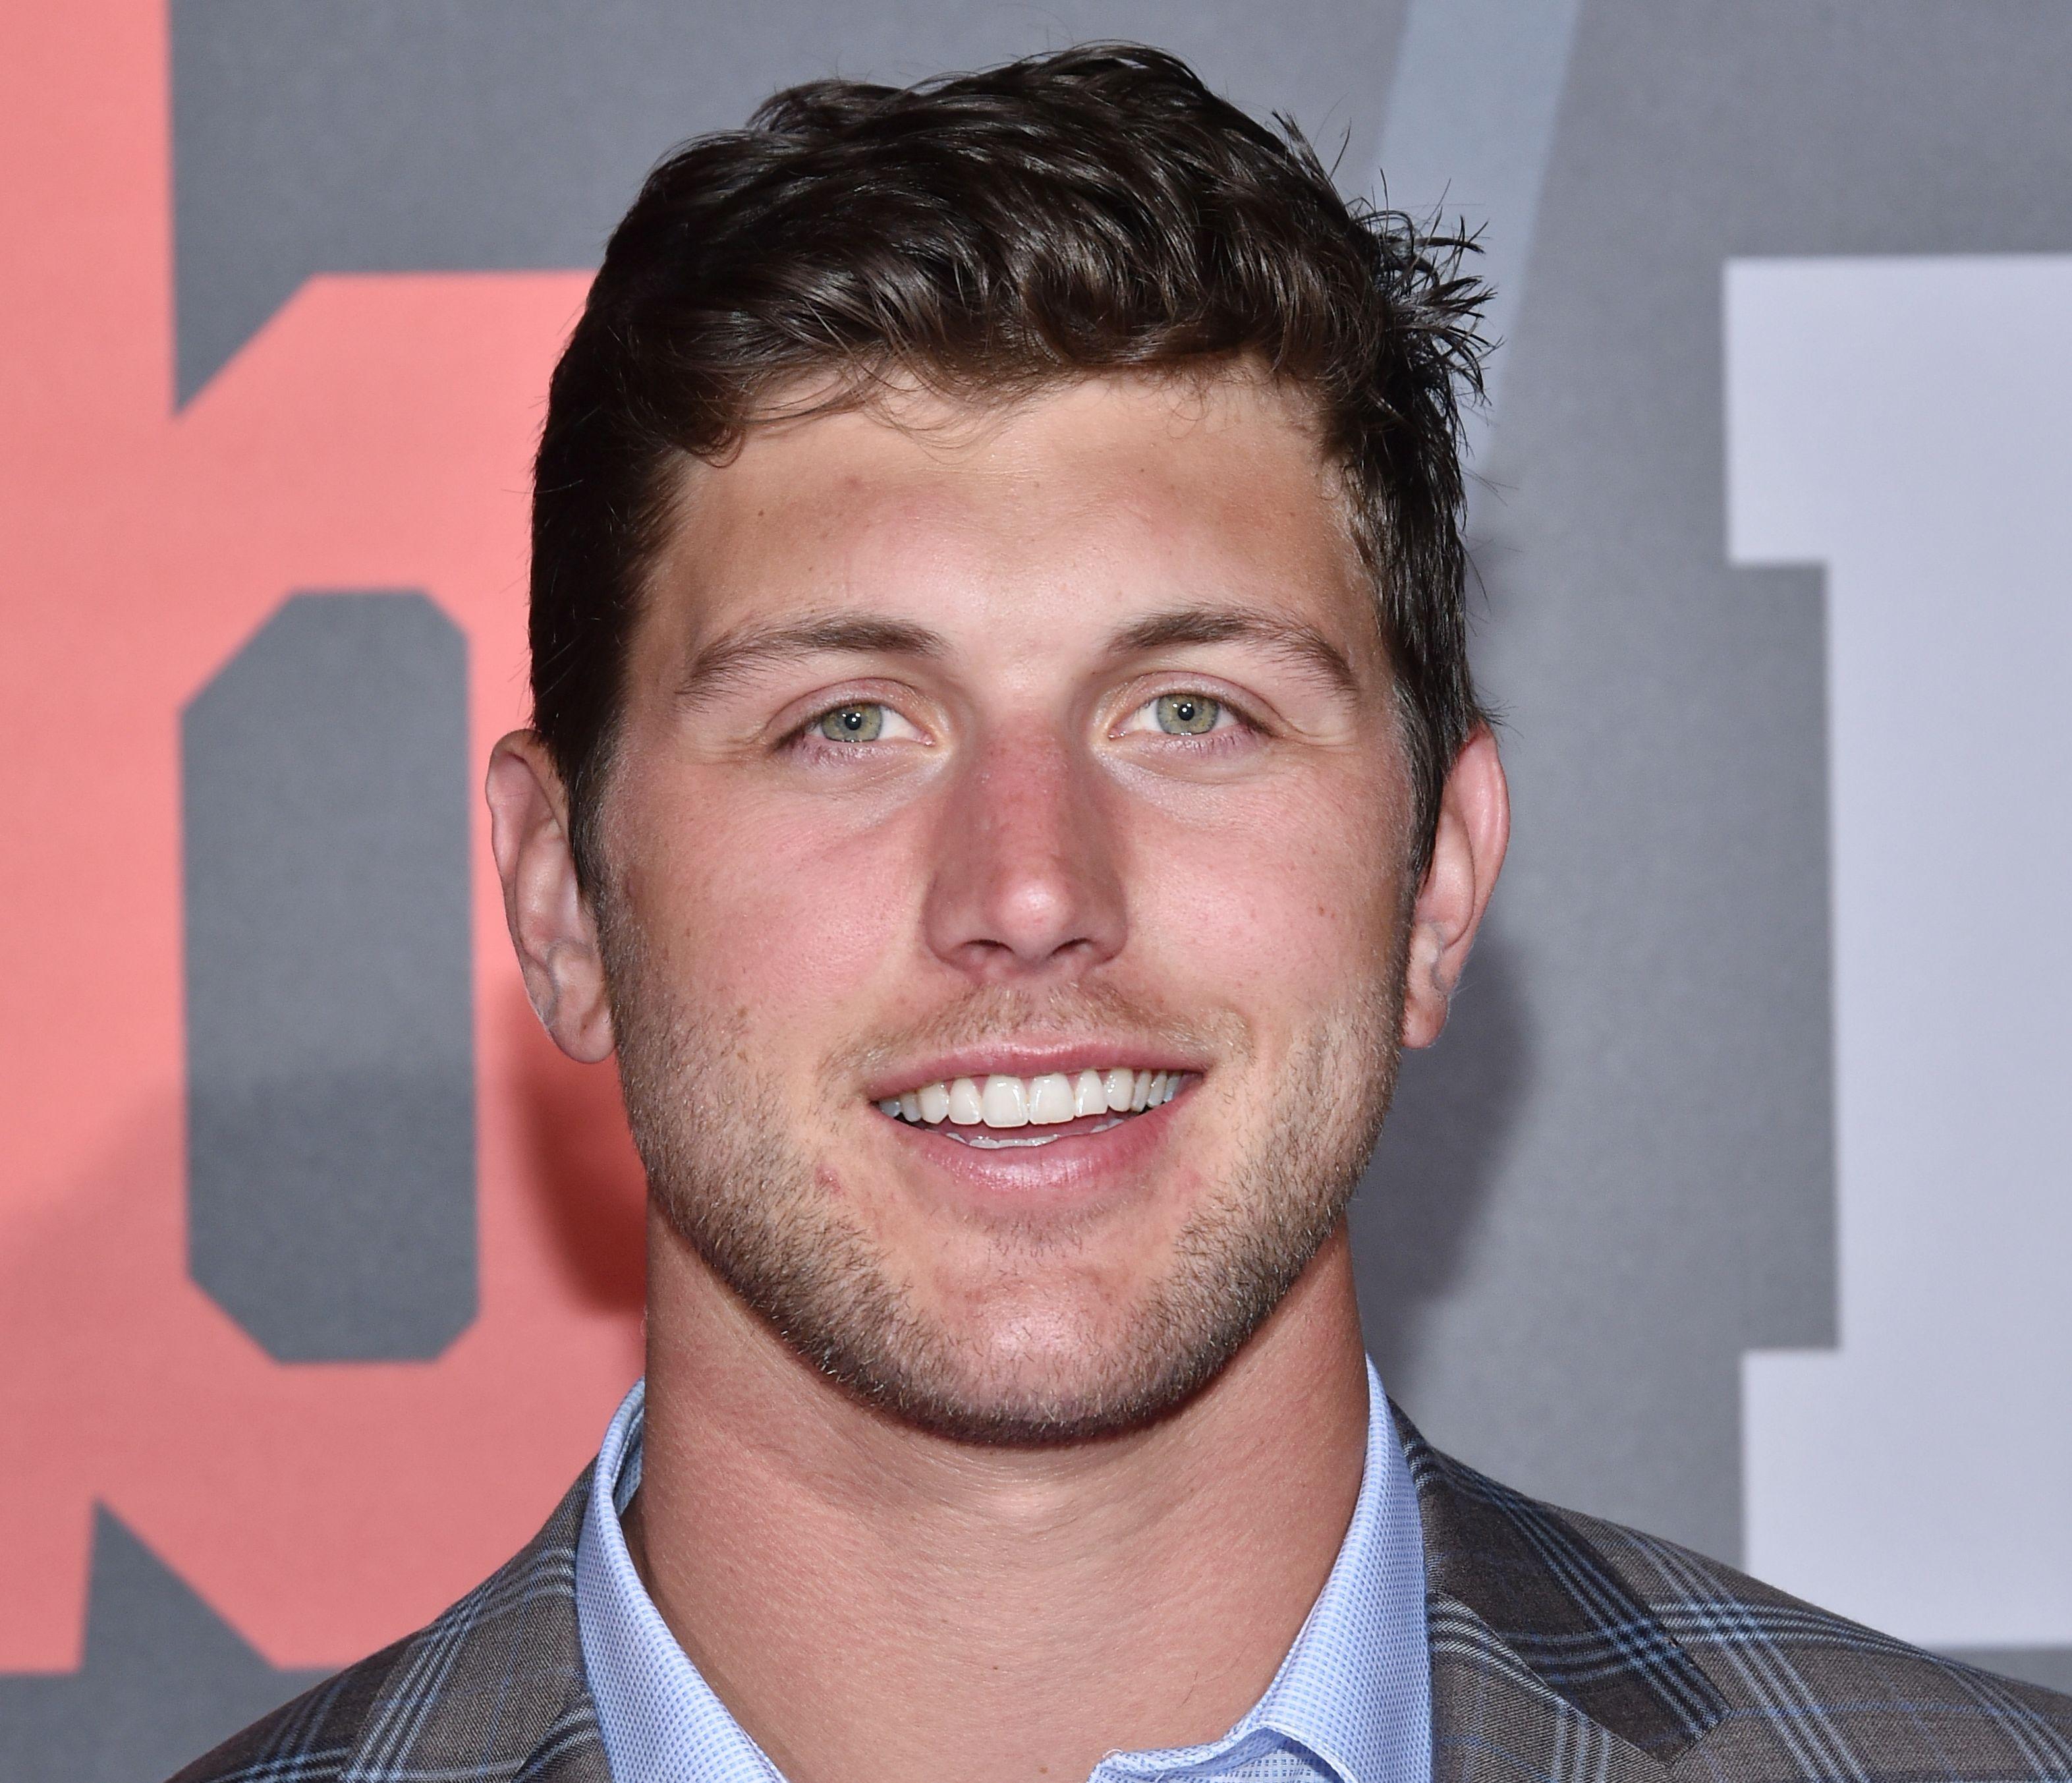 Tyler Eifert Bengals 3145—2706 American football